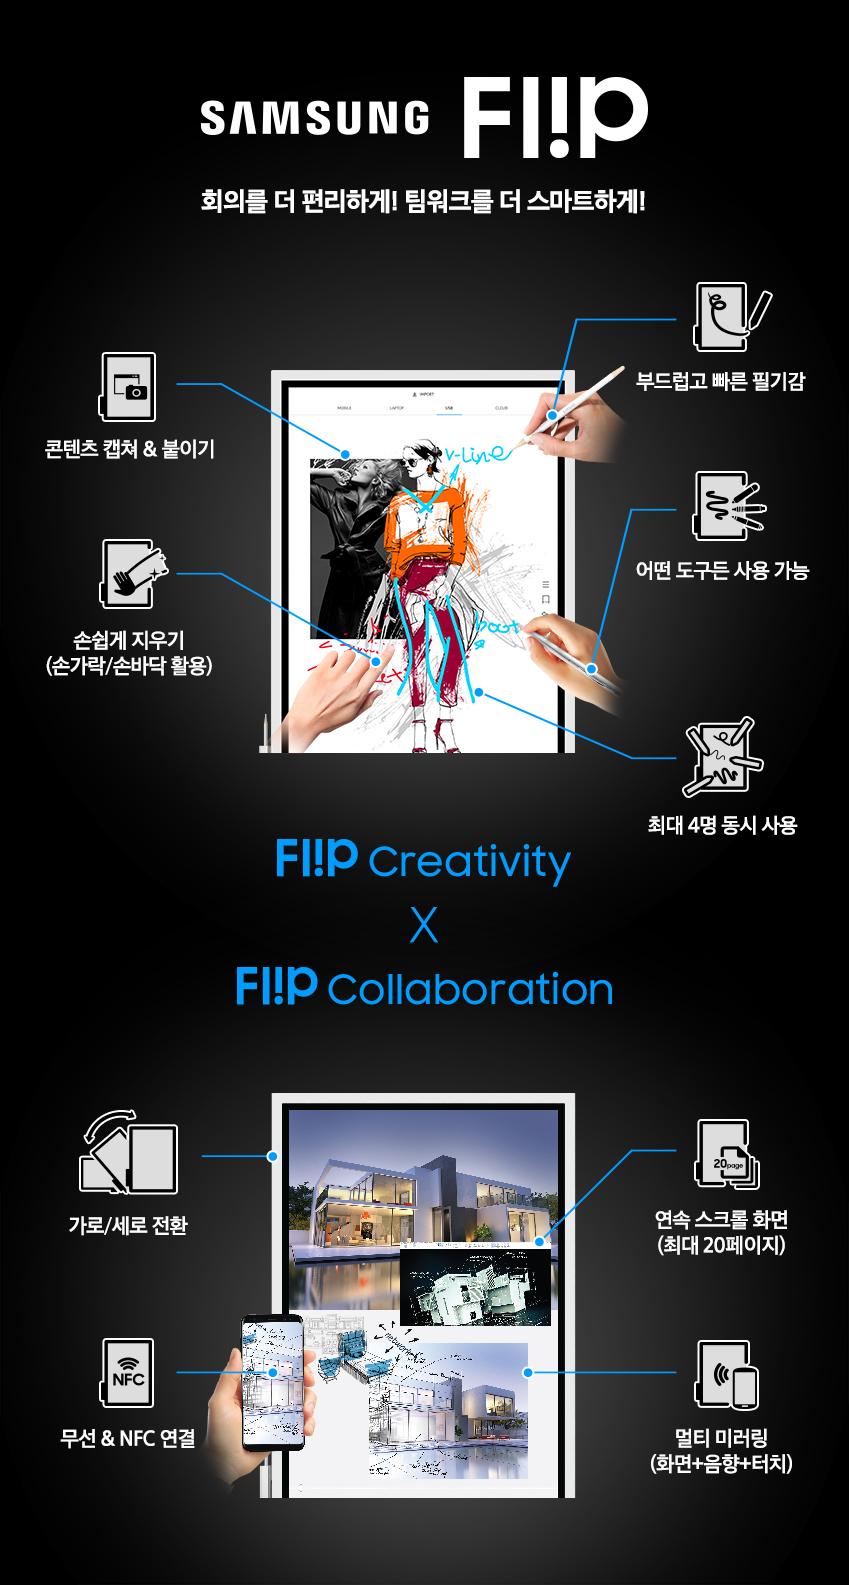 콘텐츠 캡처 붙이기, 부드럽고 빠른 필기감, 어떤 도구든 사용 가능, Samsung Flip, 회의를 더 편리하게! 팀워크를 더 스마트하게! , 콘텐츠 캡쳐&붙이기, 부드럽고 빠른 필기감, 손쉽게 지우기[손가락/손바디 활용], 어떤 도구든 사용가능, 최대 4명 동시 가능, Flip Creativity X Flip Collaboration 가로/세로전환, 연속 스크롤 화면(최대 20페이지), 무선& NFC연결, 멀티 미러링{화면+음향+터치}